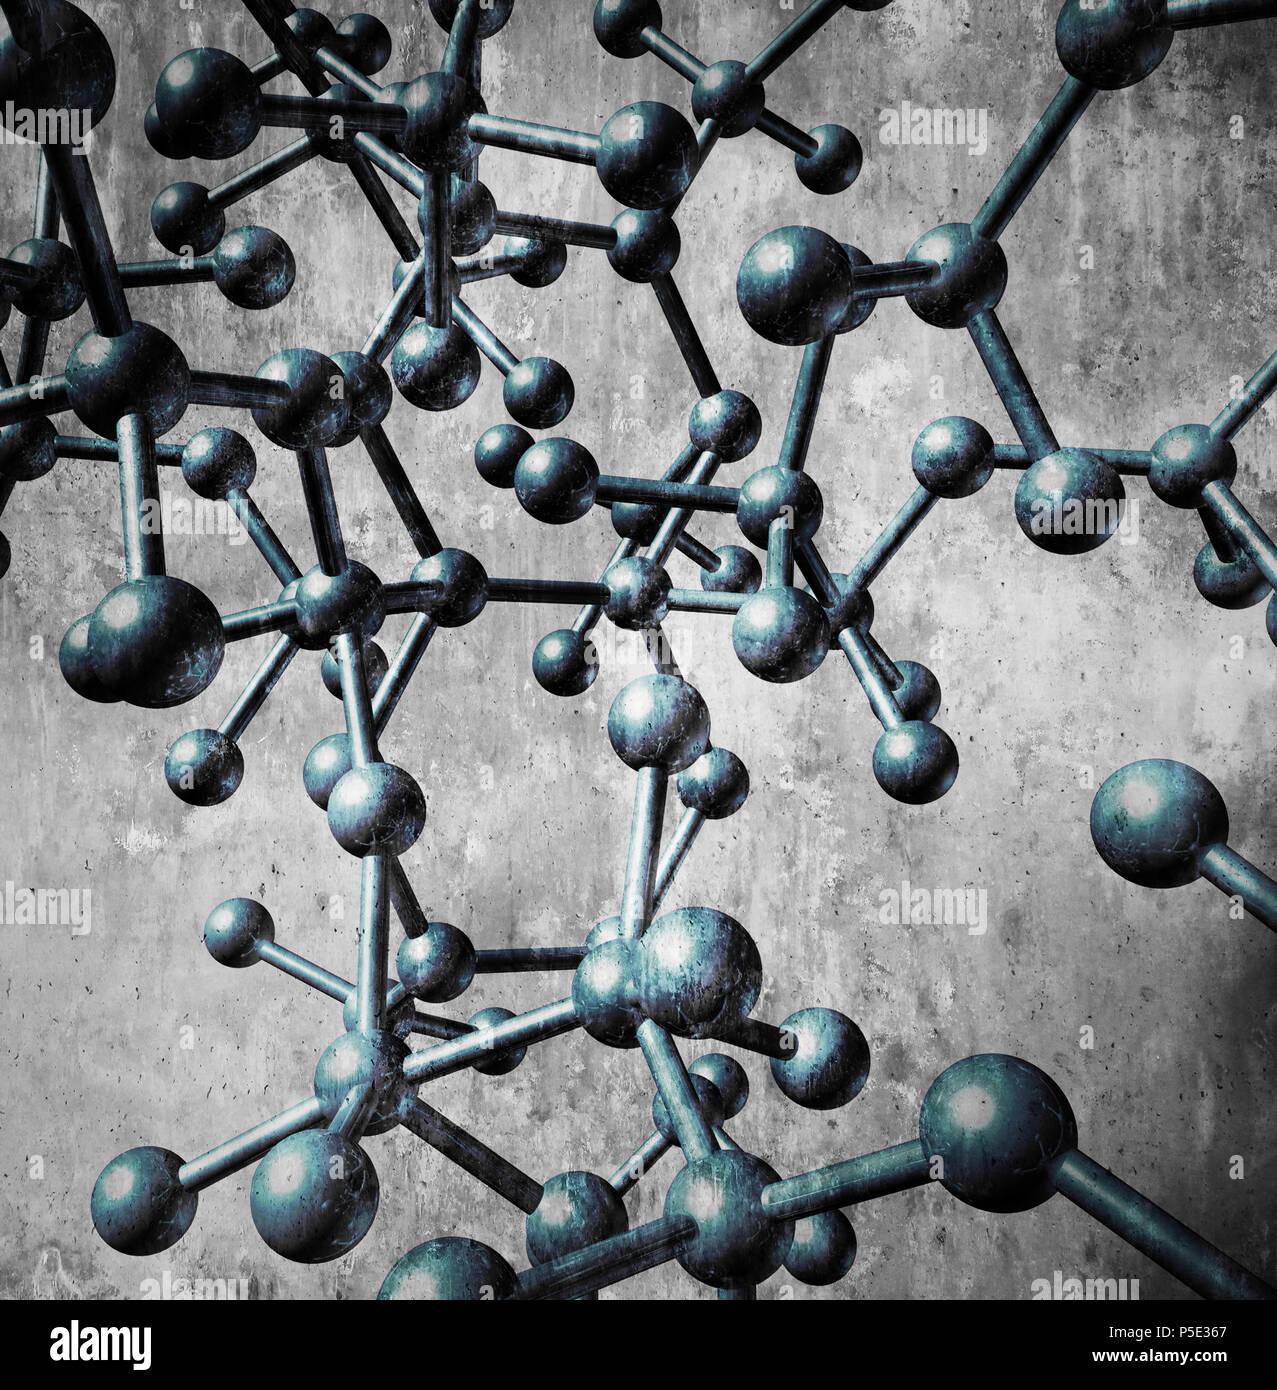 L'icône de molécule concept comme un groupe d'atomes en trois dimensions dans un fond bleu reliés ensemble par des liaisons chimiques comme une science moléculaire. Photo Stock